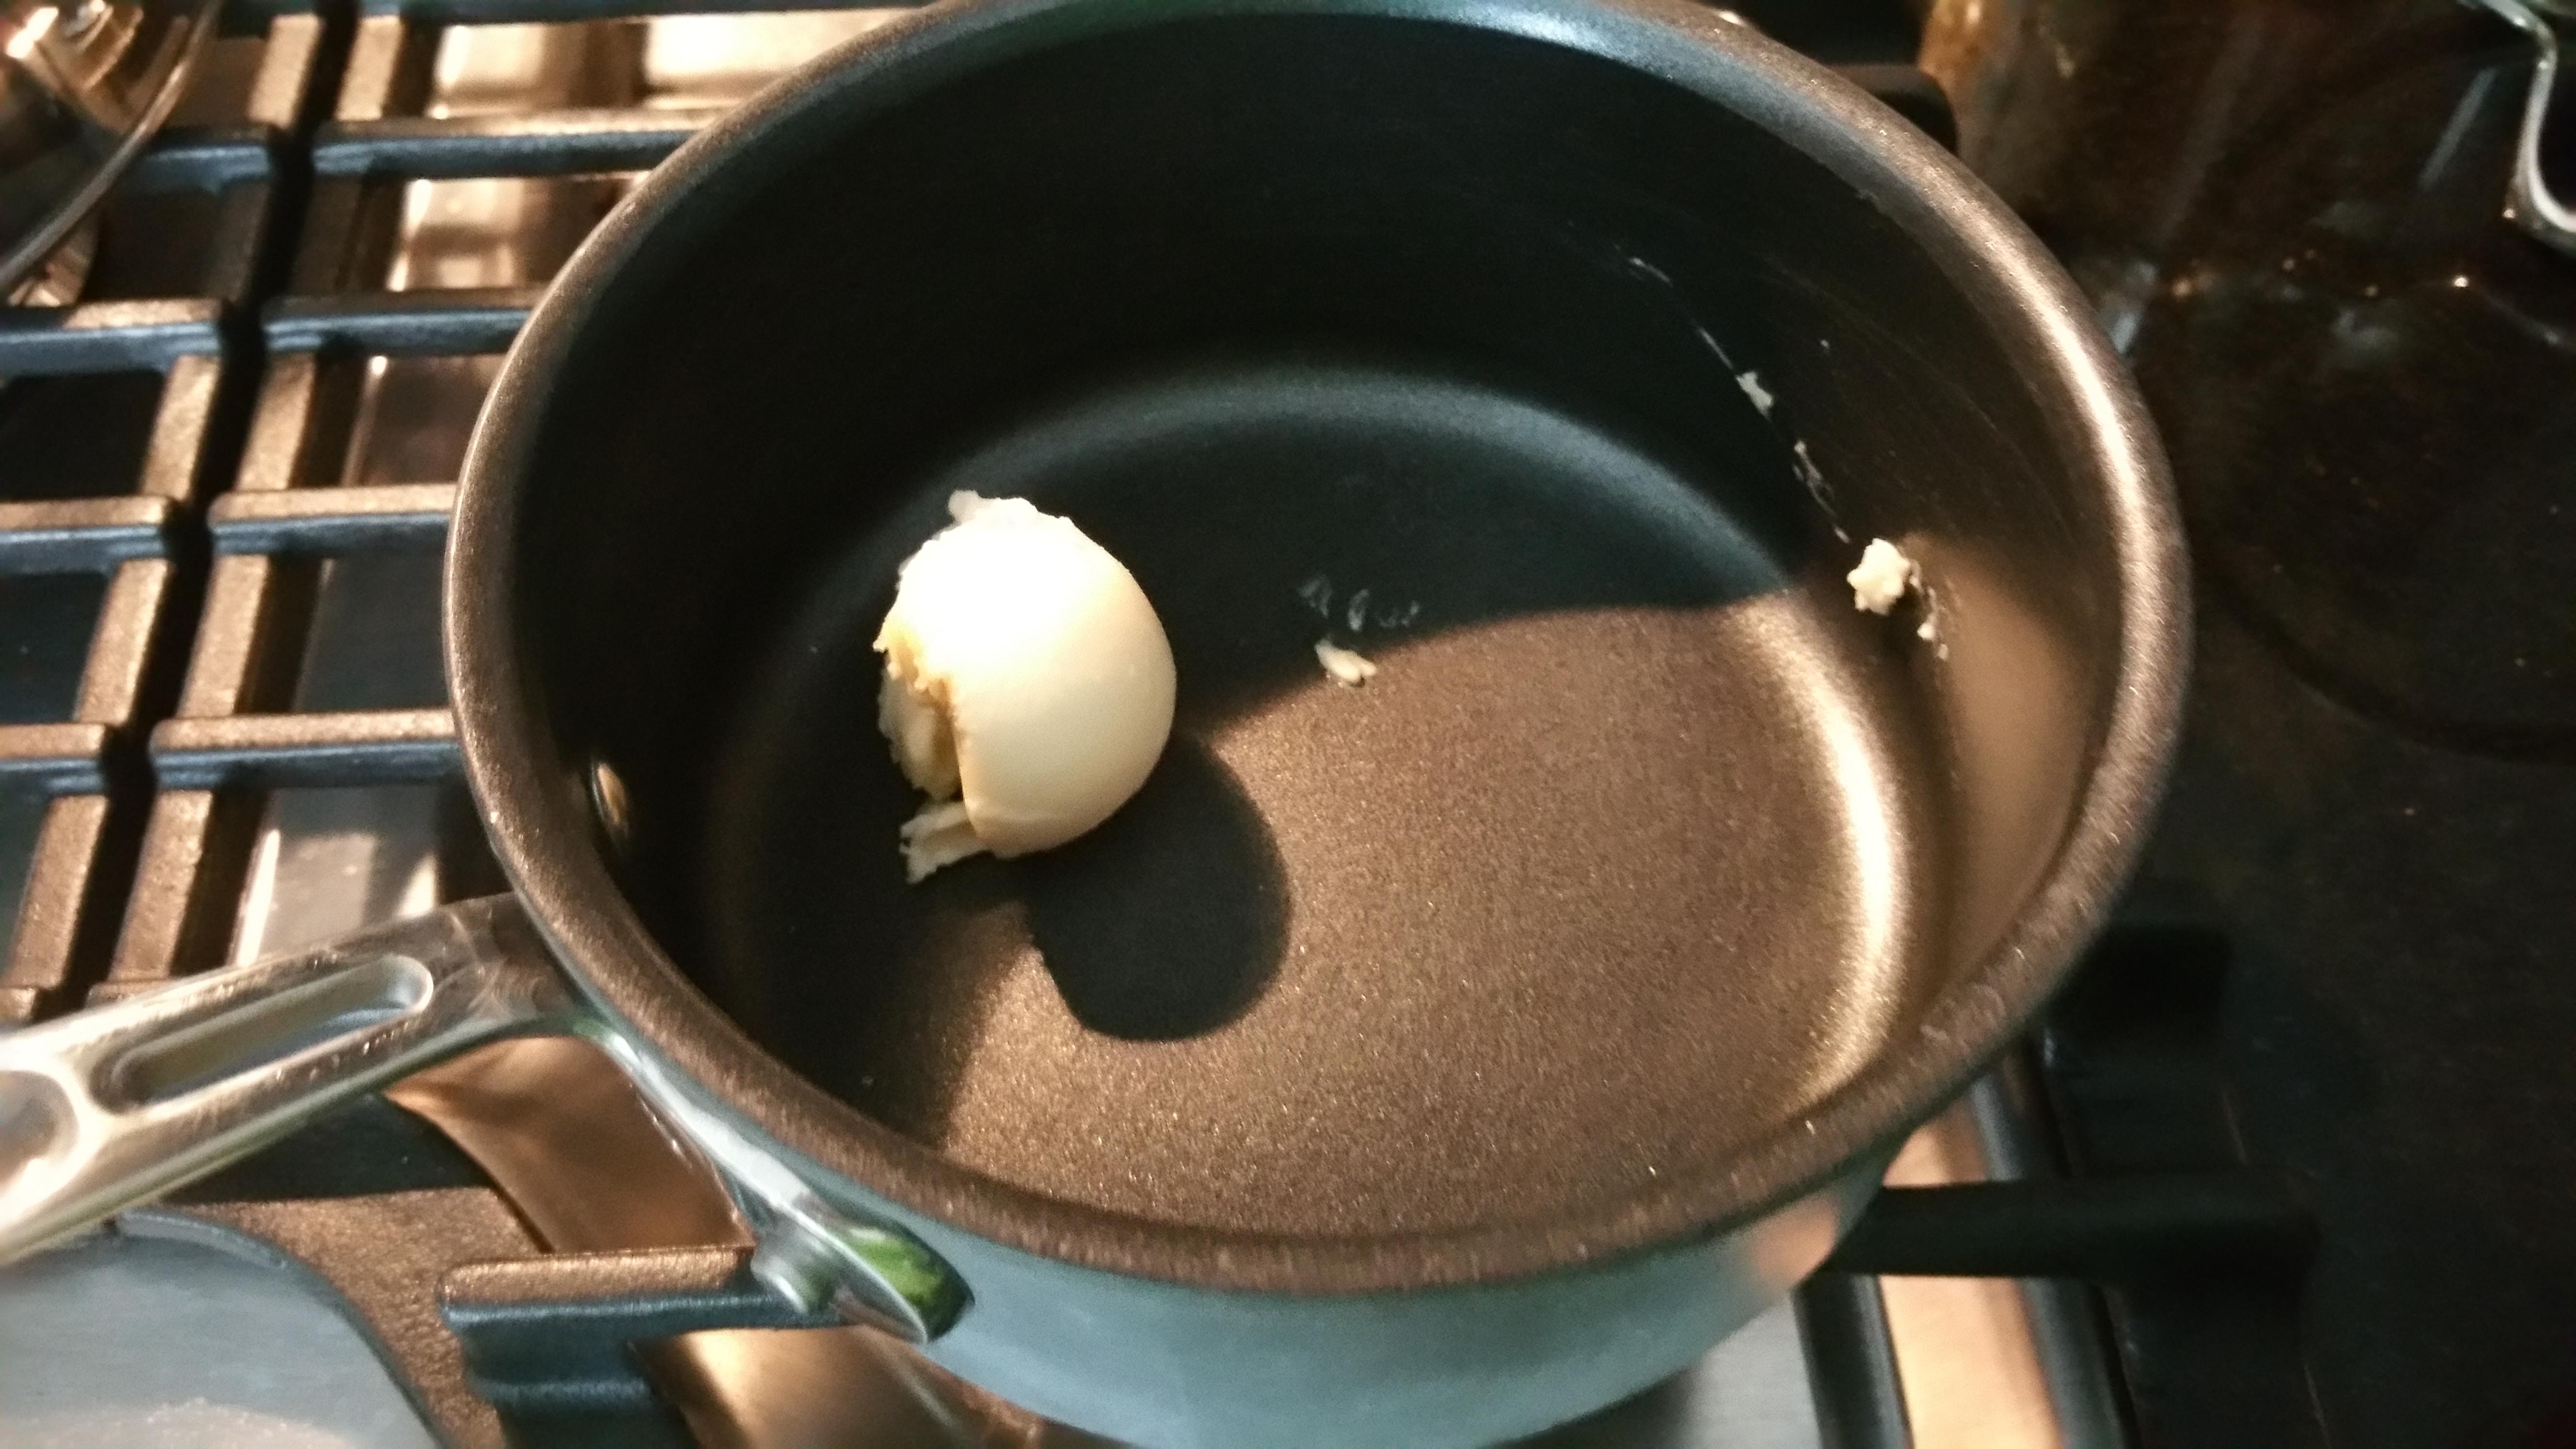 Heat butter